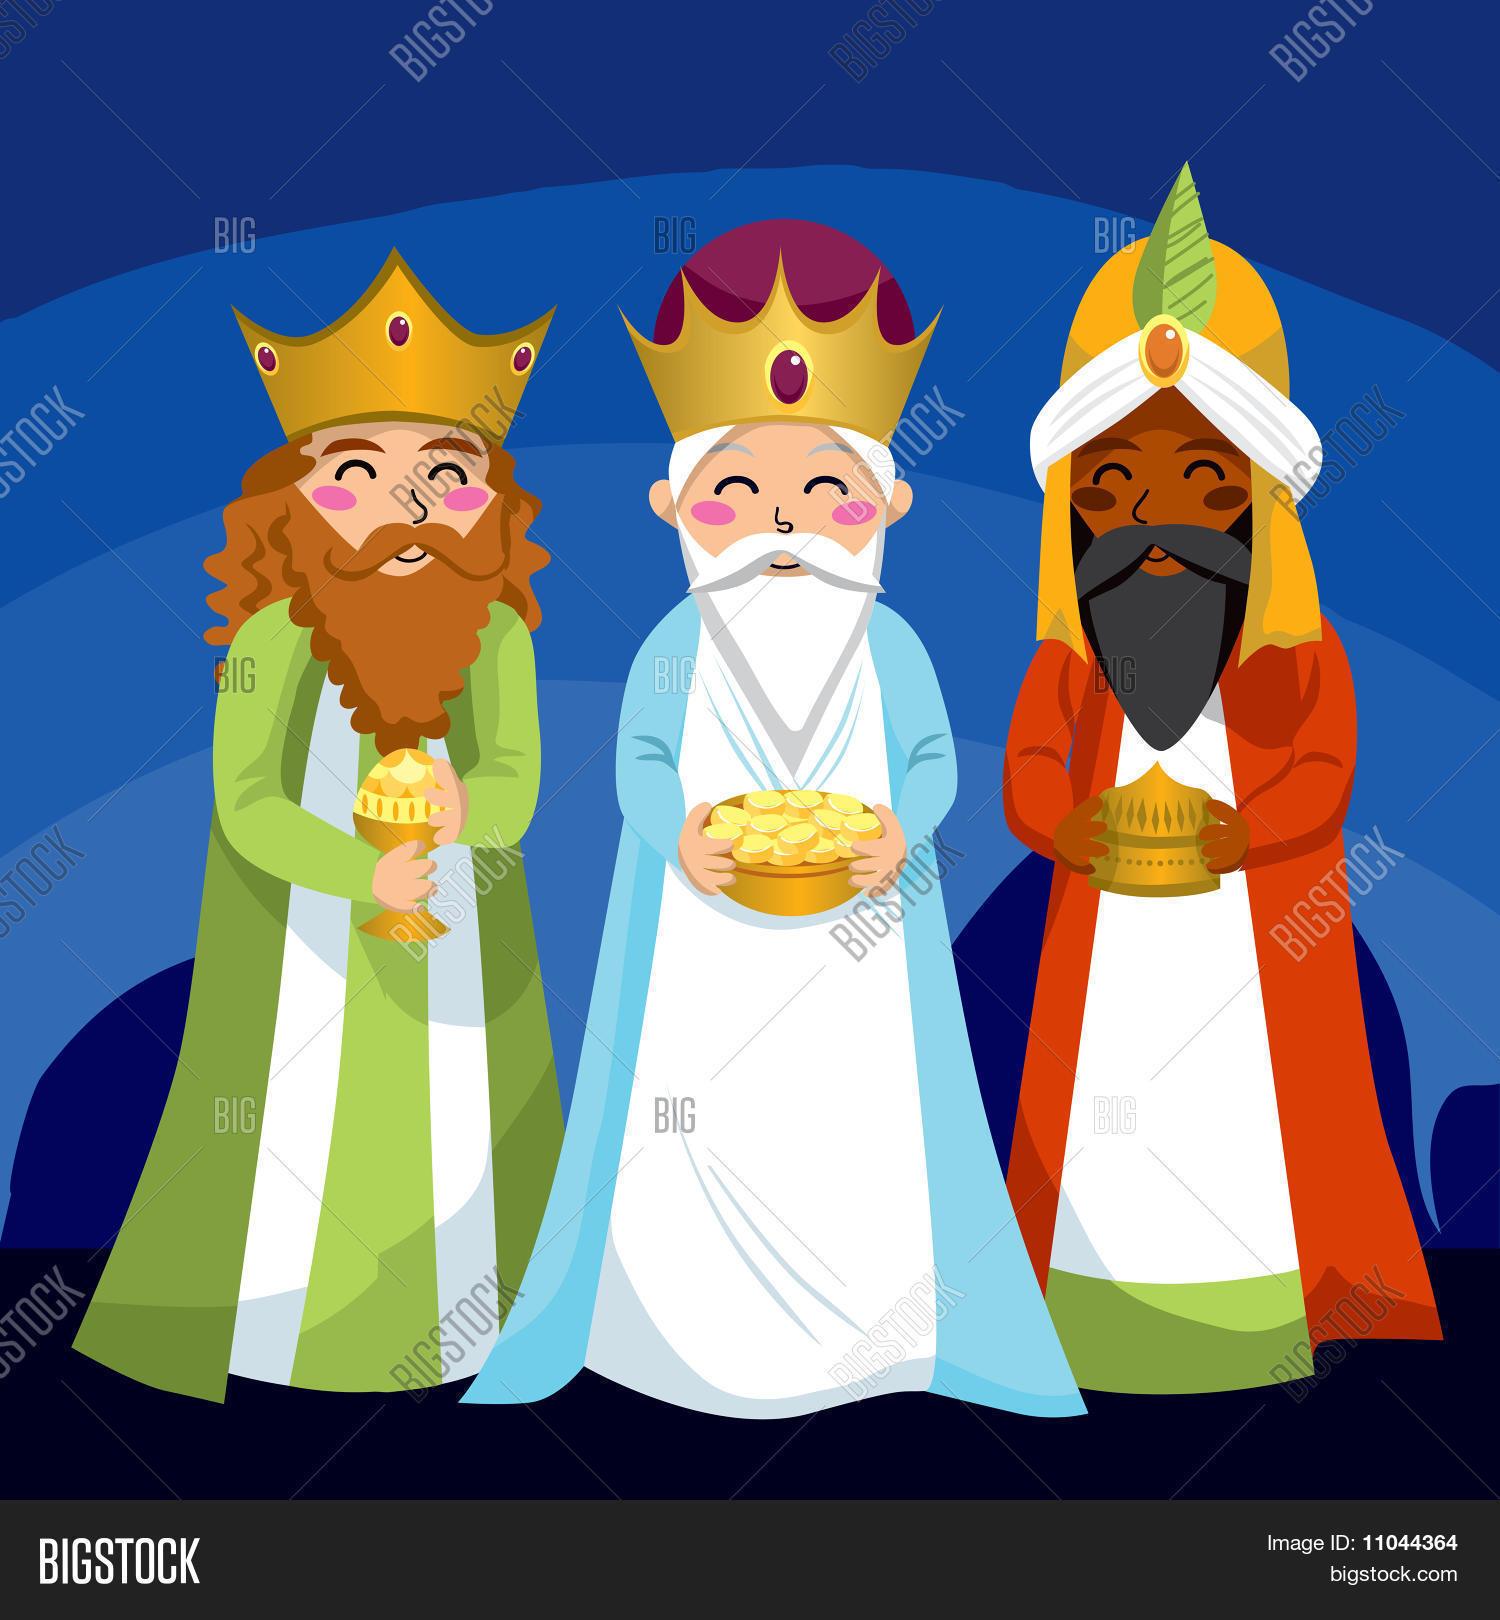 Imagenes Tres Reyes Magos Gratis.Vector Y Foto Tres Reyes Magos Prueba Gratis Bigstock